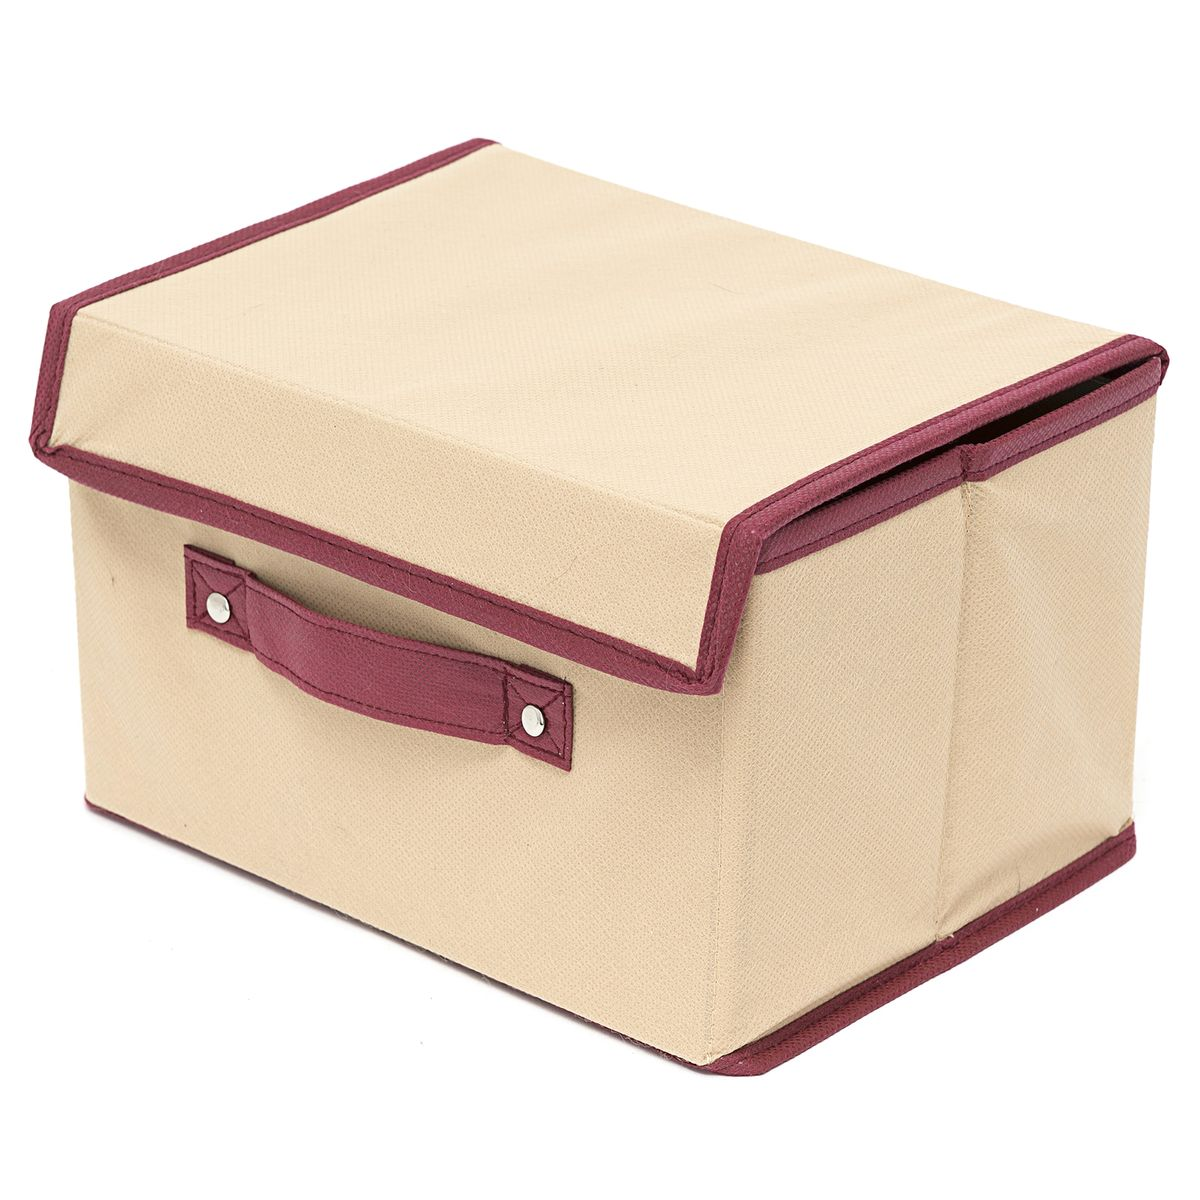 Коробка для хранения Homsu Comfort, с крышкой, цвет: бежевый, 38 x 25 x 25 см6113MКоробка для хранения Homsu  Comfort изготовлена из поливинилхлорида и спанбонда. Изделие легко и быстро складывается. Оптимальный размер позволяет хранить в ней любые вещи и предметы. Изделие имеет жесткие борта и крышку, что является гарантией сохранности вещей. Коробка дополнена ручкой.